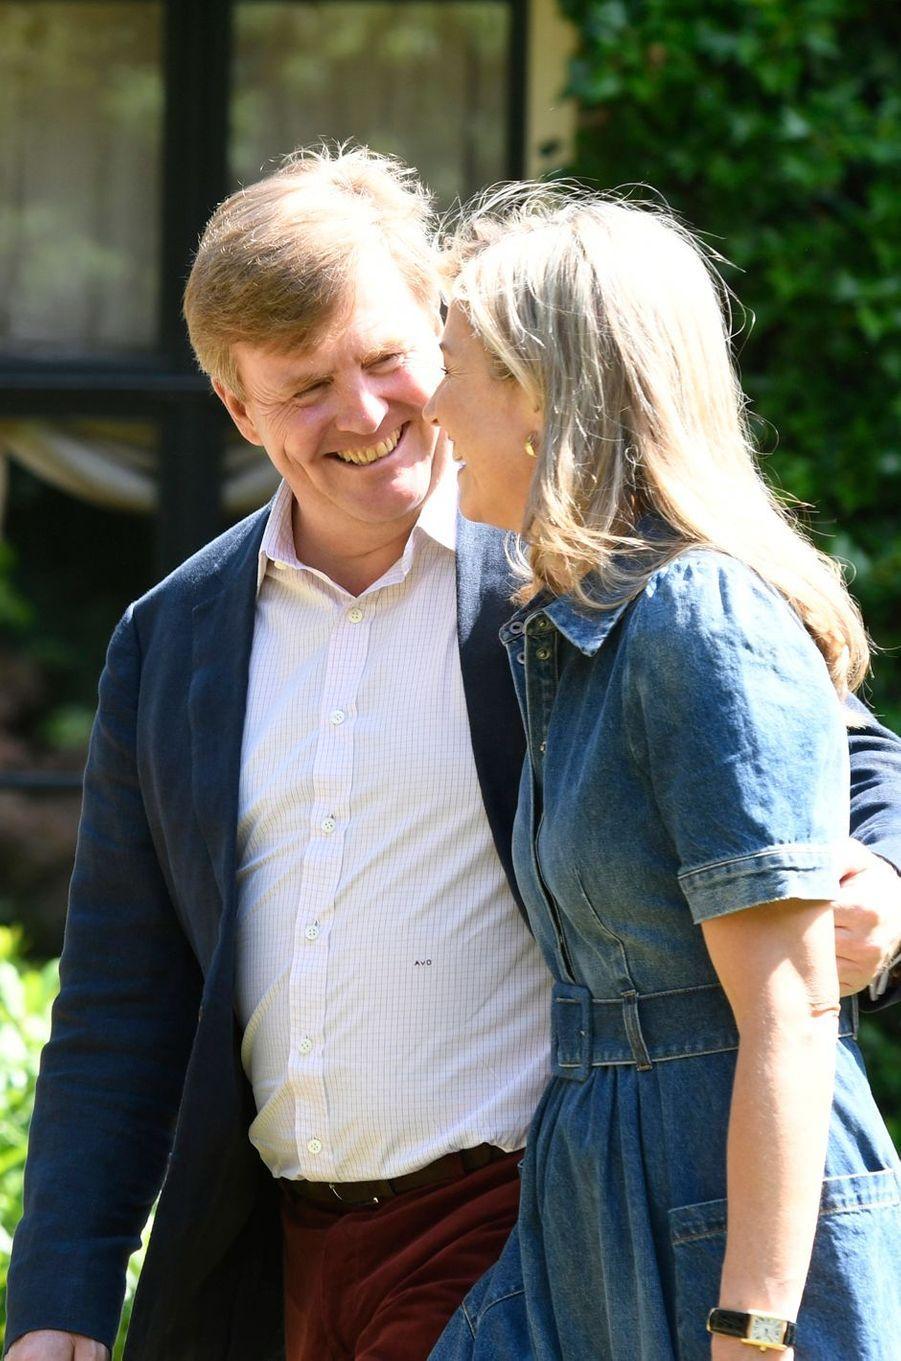 Le roi Willem-Alexander et la reine Maxima des Pays-Bas à Wassenaar, le 13 juillet 2018